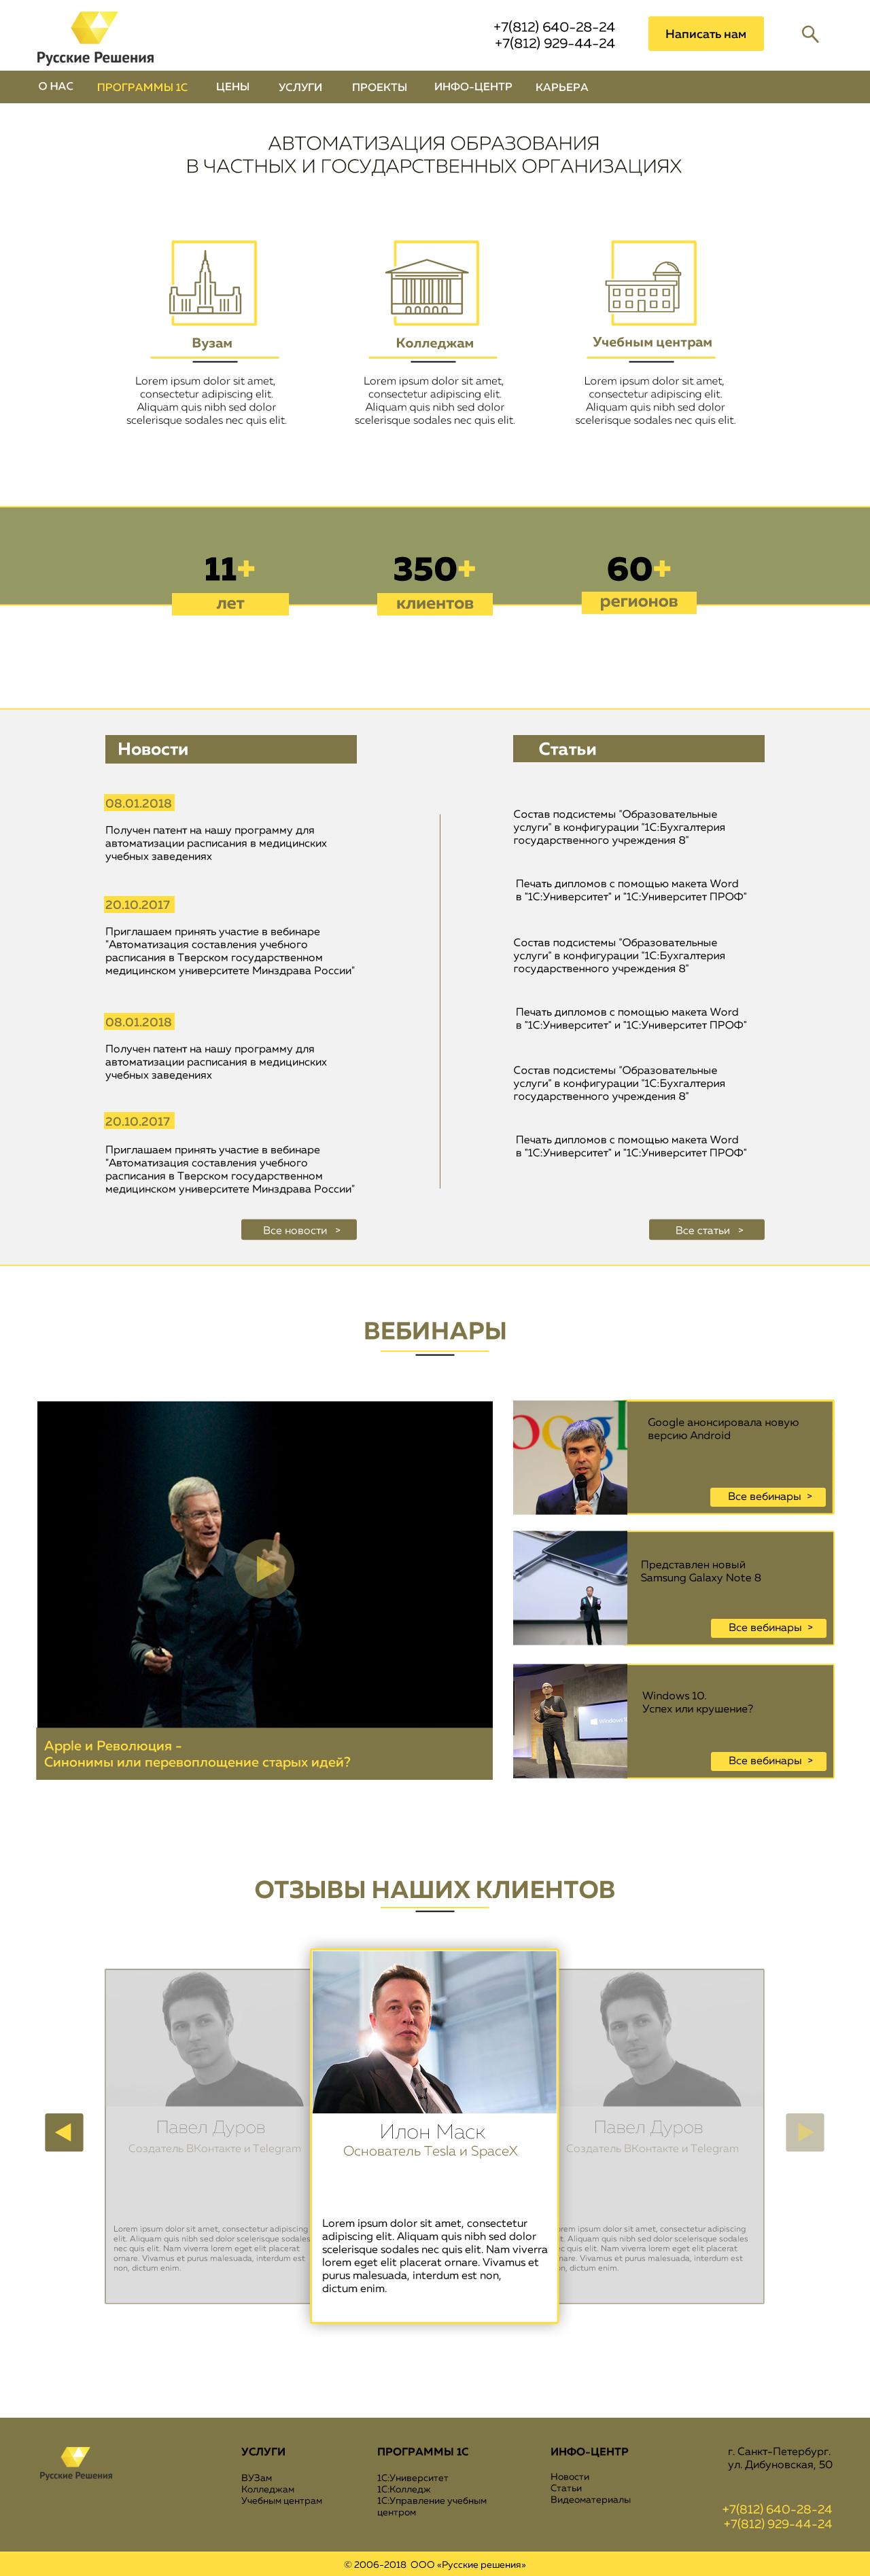 Дизайн главной страницы сайта фото f_2845a61e224c67de.jpg